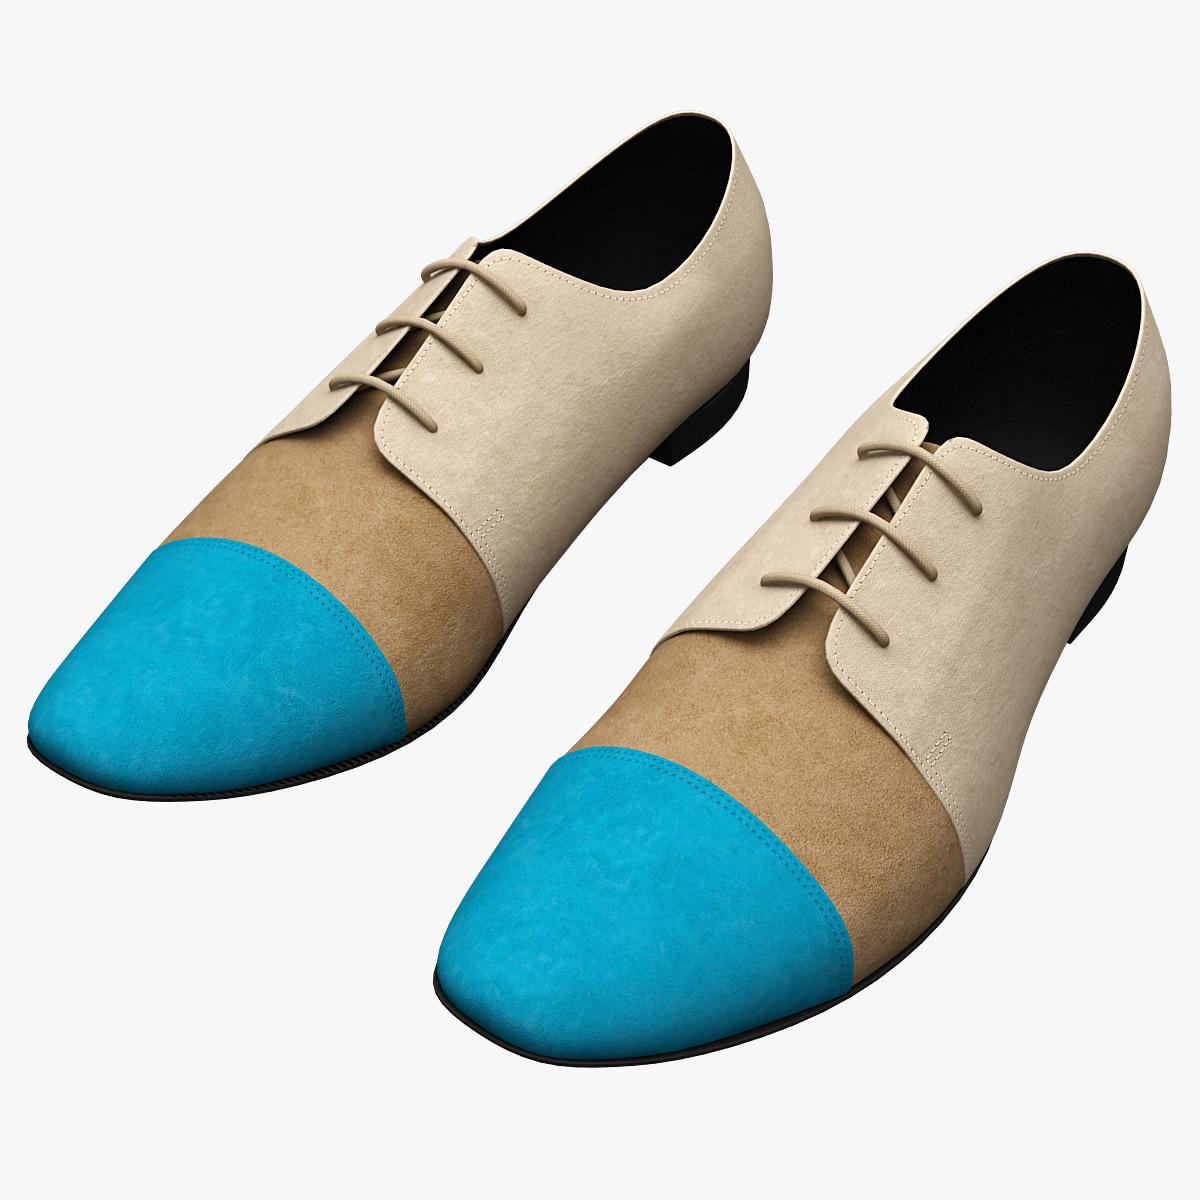 Men_Shoes_Ana_Locking_Blue_0002.jpg